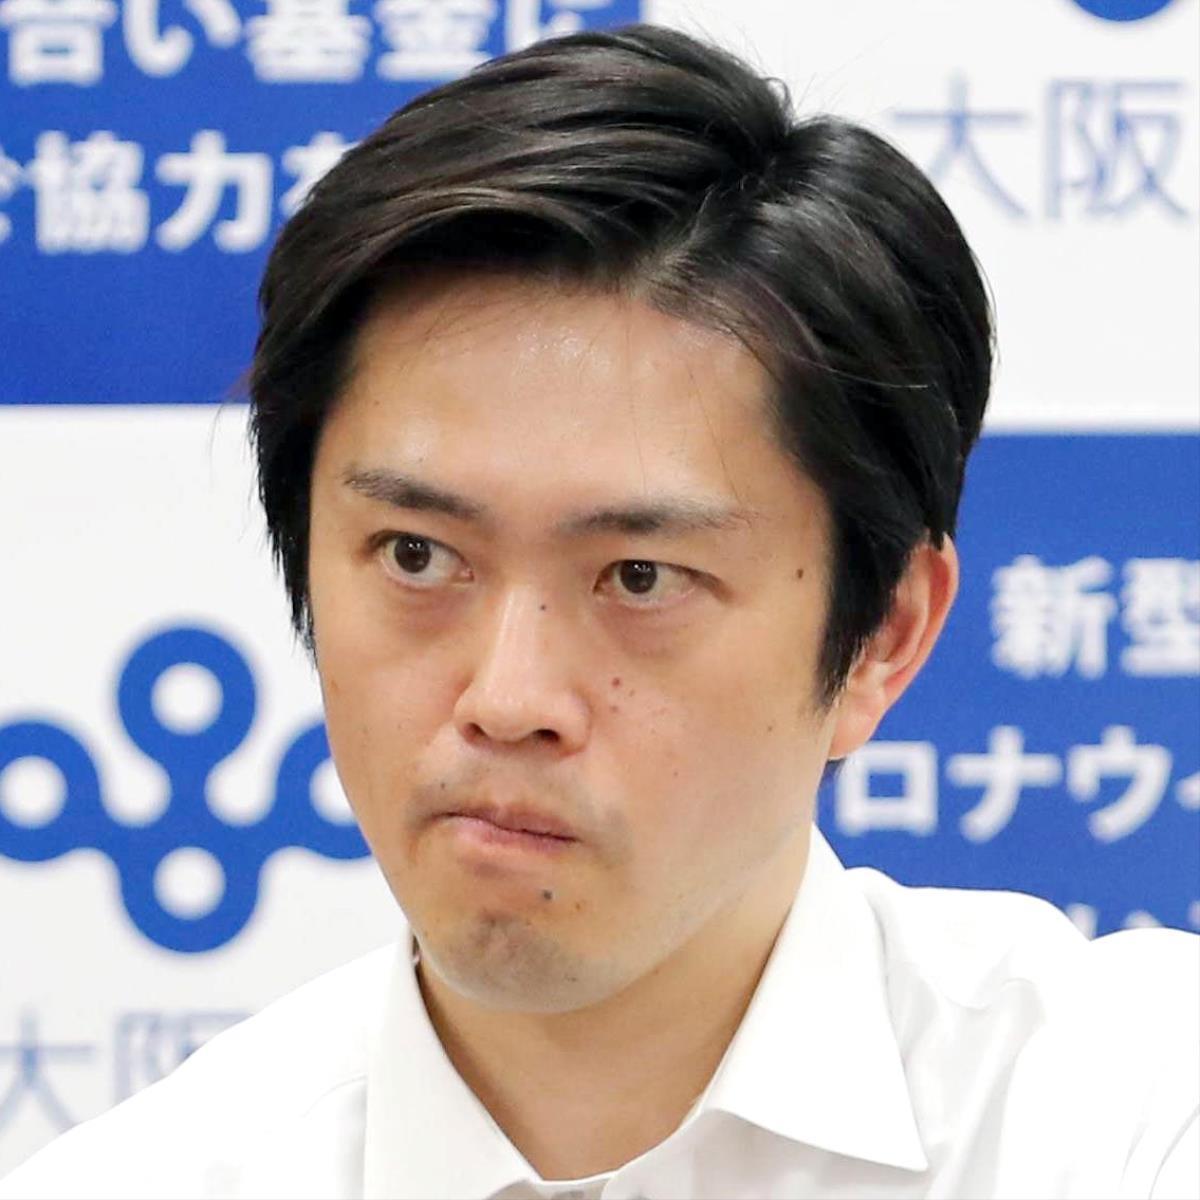 知事 年齢 吉村 大阪[吉村知事]は結婚してる?経歴やプロフィール(年齢)も意外だった!